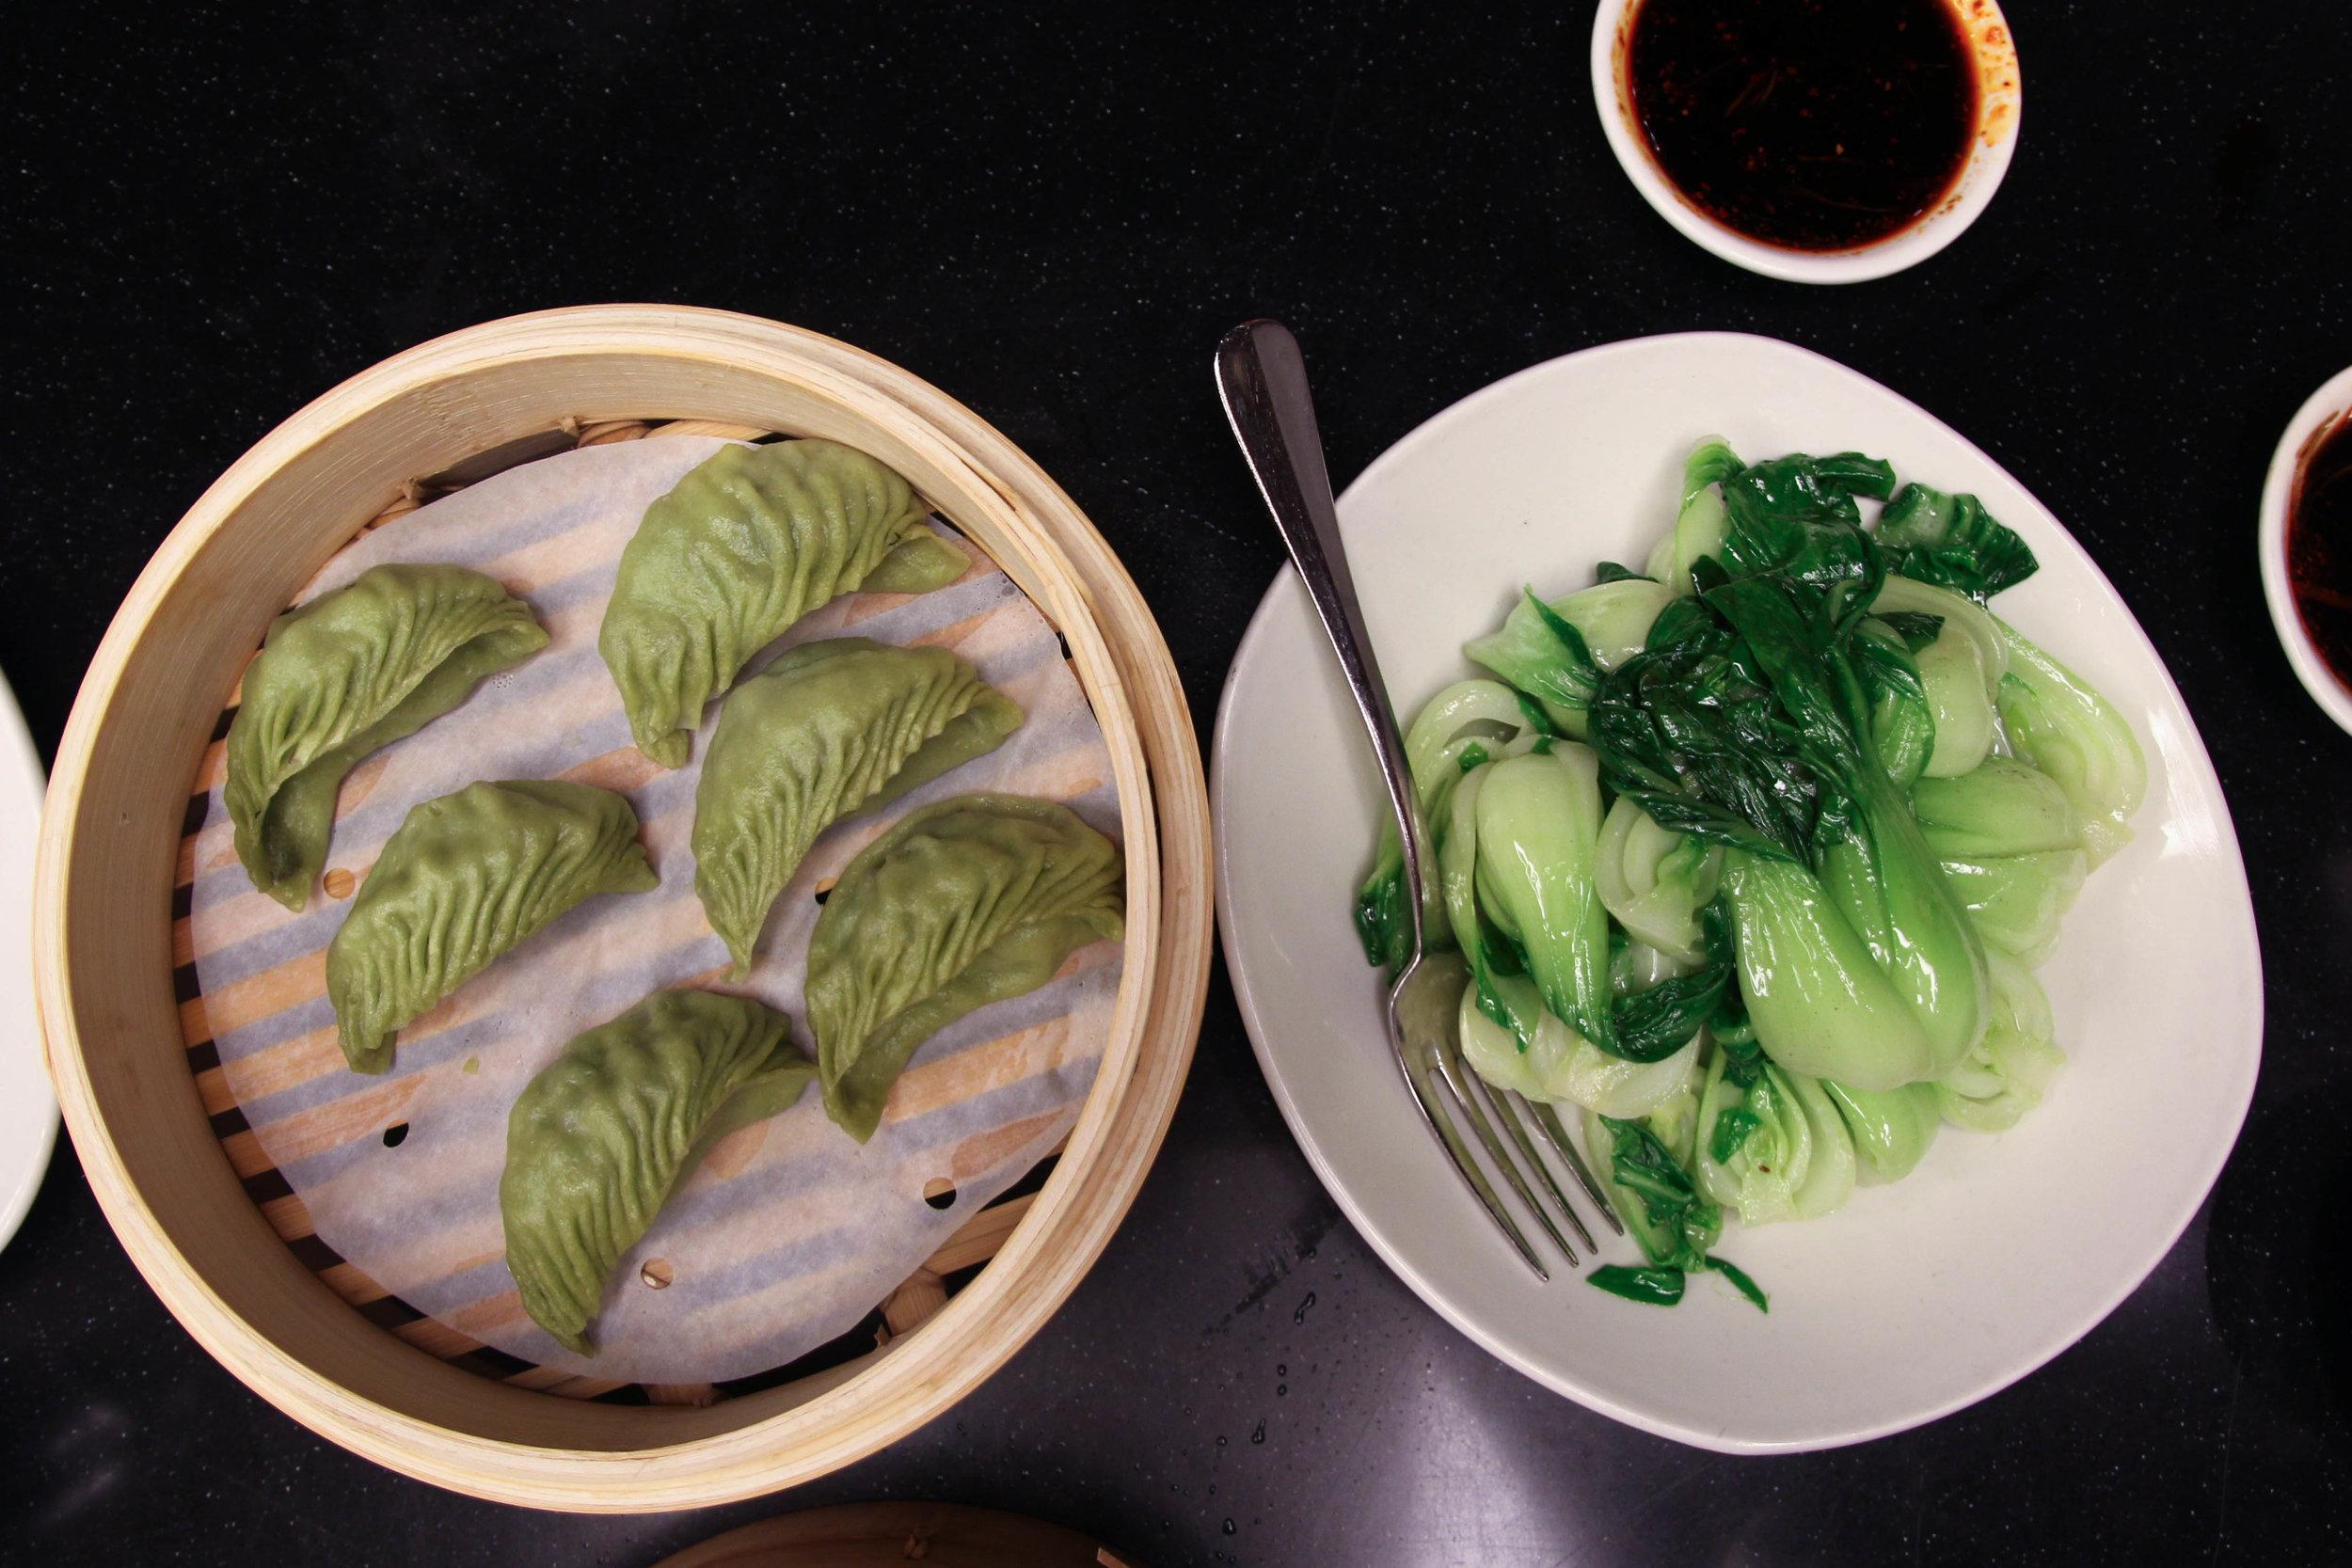 Vegetarian Dumplings and bok choy